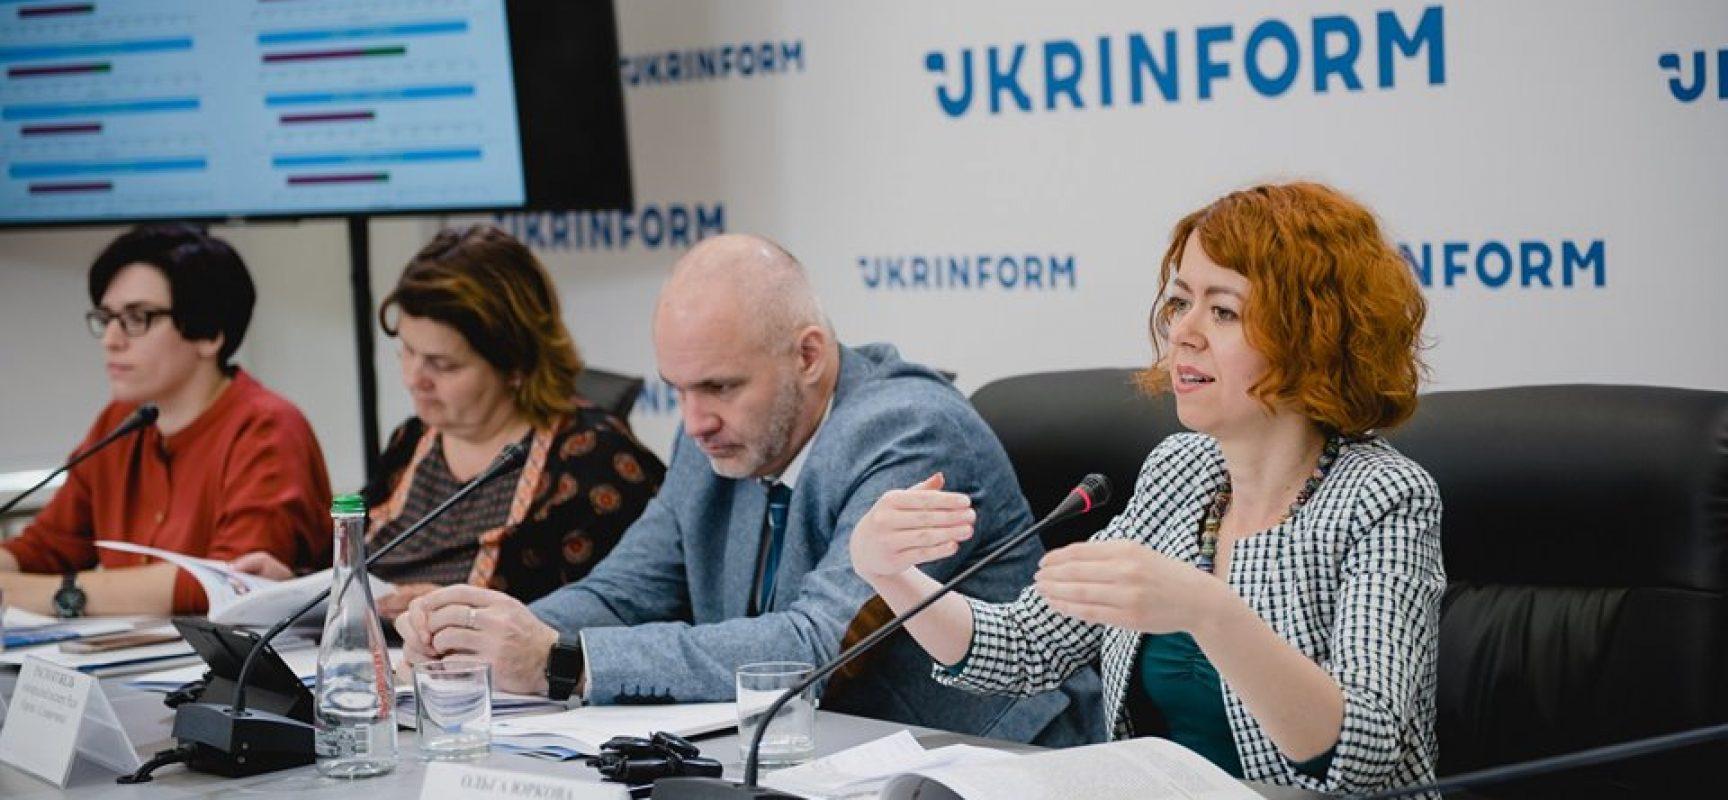 Dziennikarzom ukraińskim brakuje wiedzy o mediach społecznościowych i propagandzie: wyniki monitoringu kampanii wyborczej